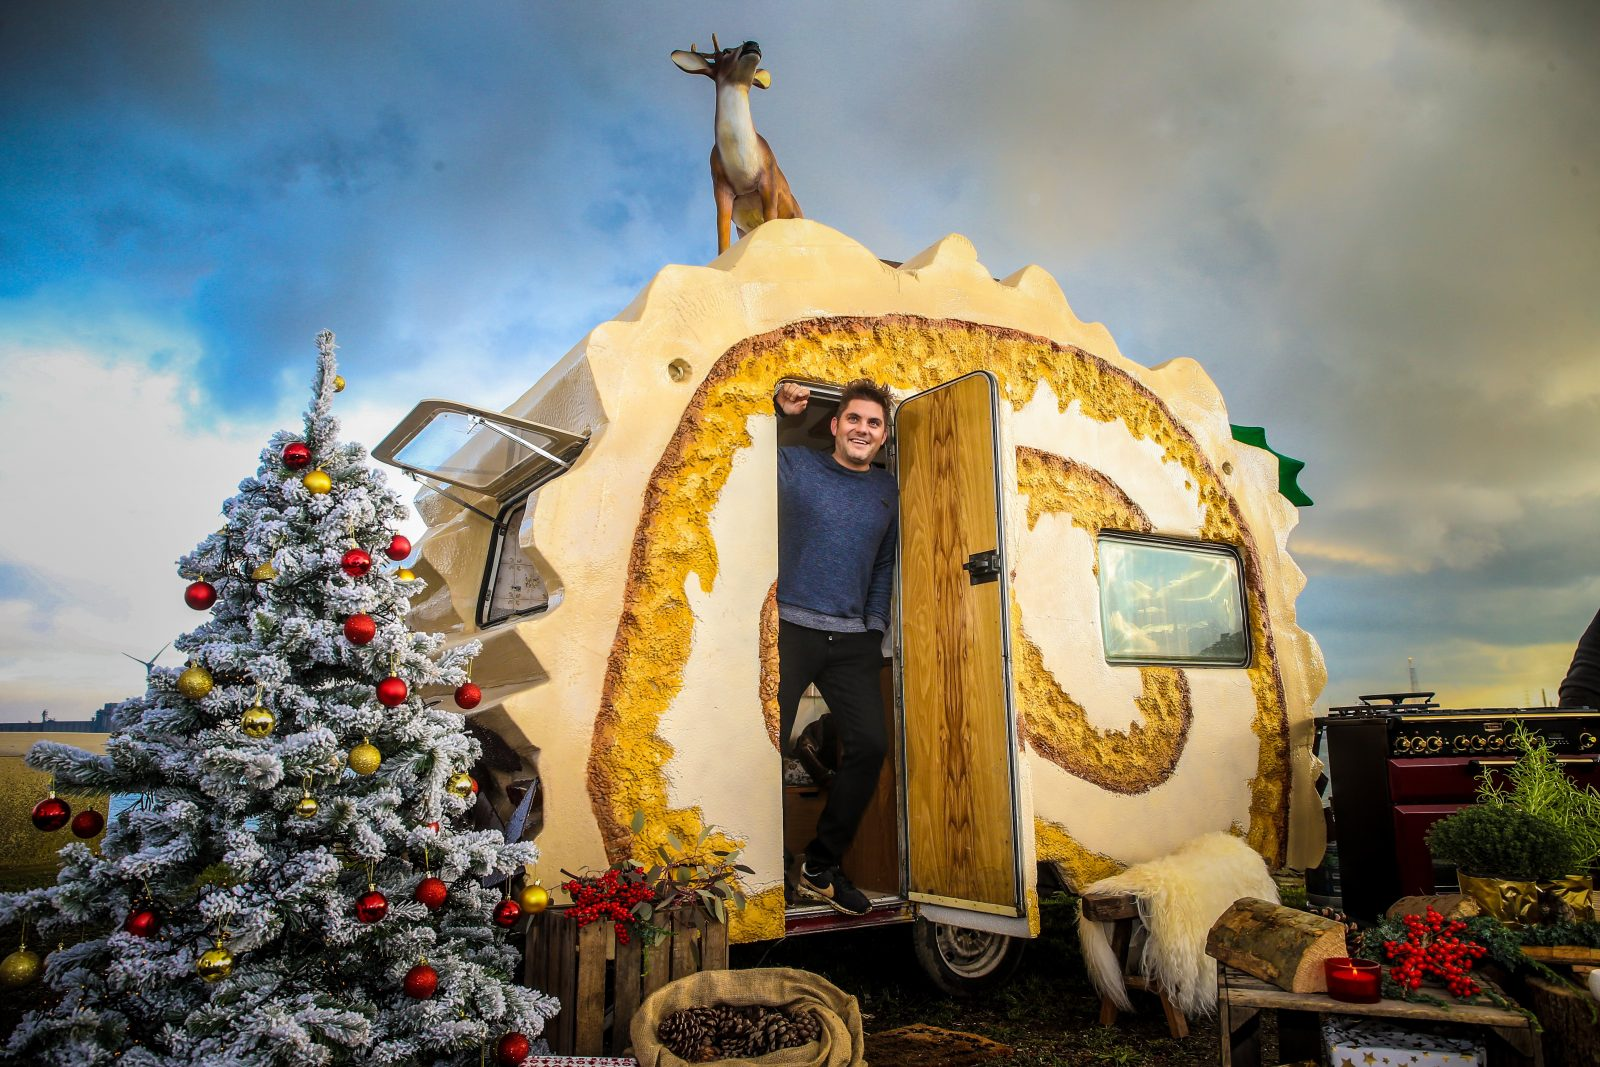 Bûche komt zo: Jeroen Meus zorgt voor het ideale kerstgeschenk!